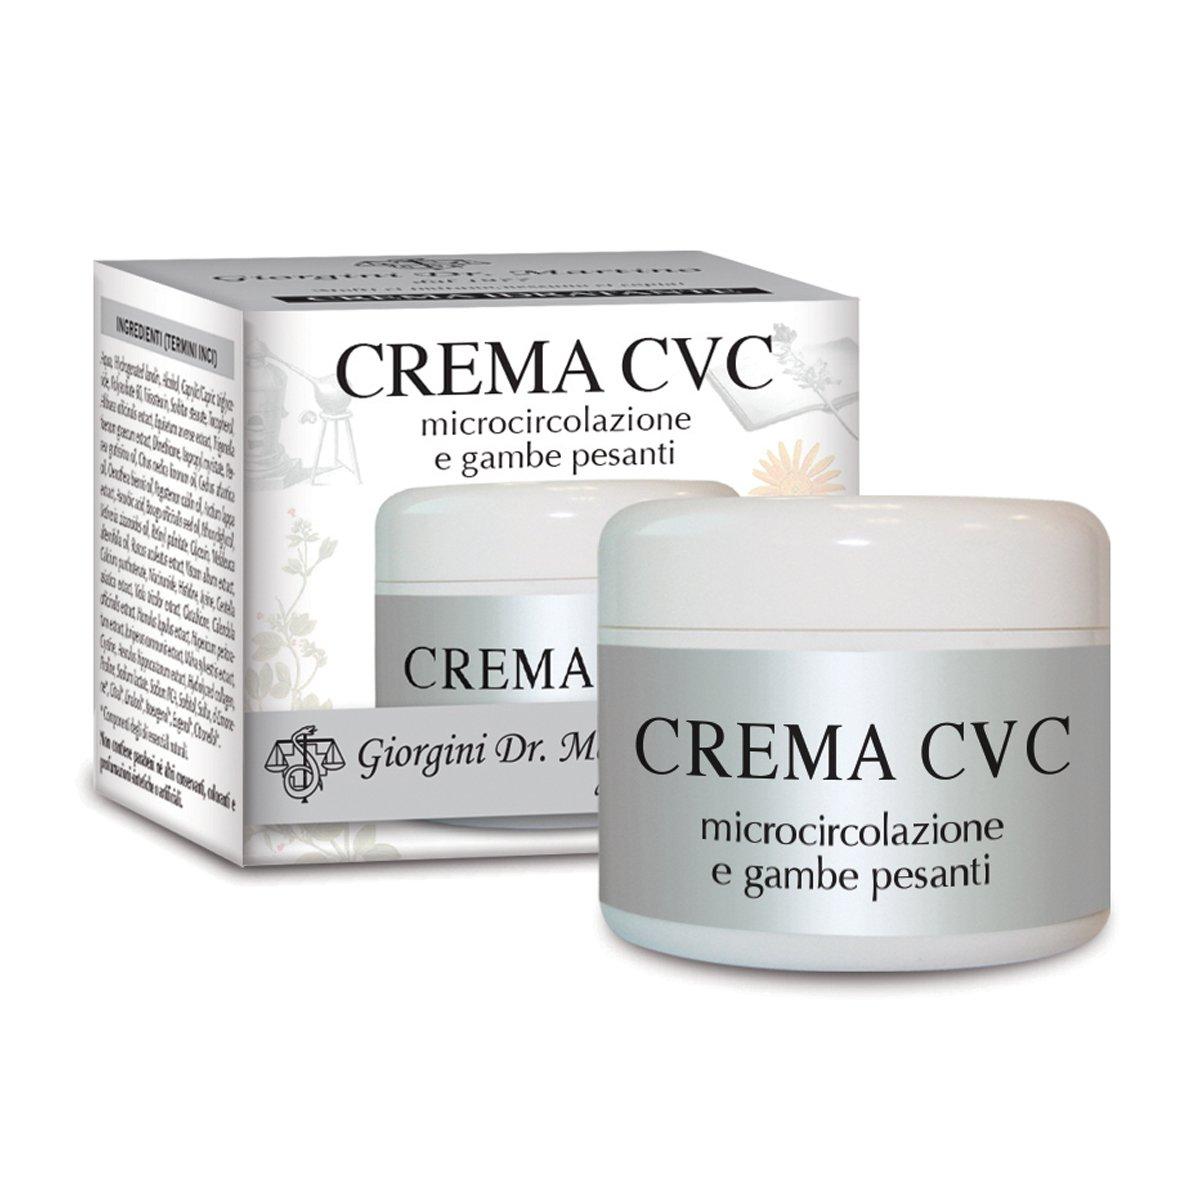 Dr. Giorgini Crema per il Corpo Cvc - 100 ml Vis Medicatrix Naturae SERCREMACVC100